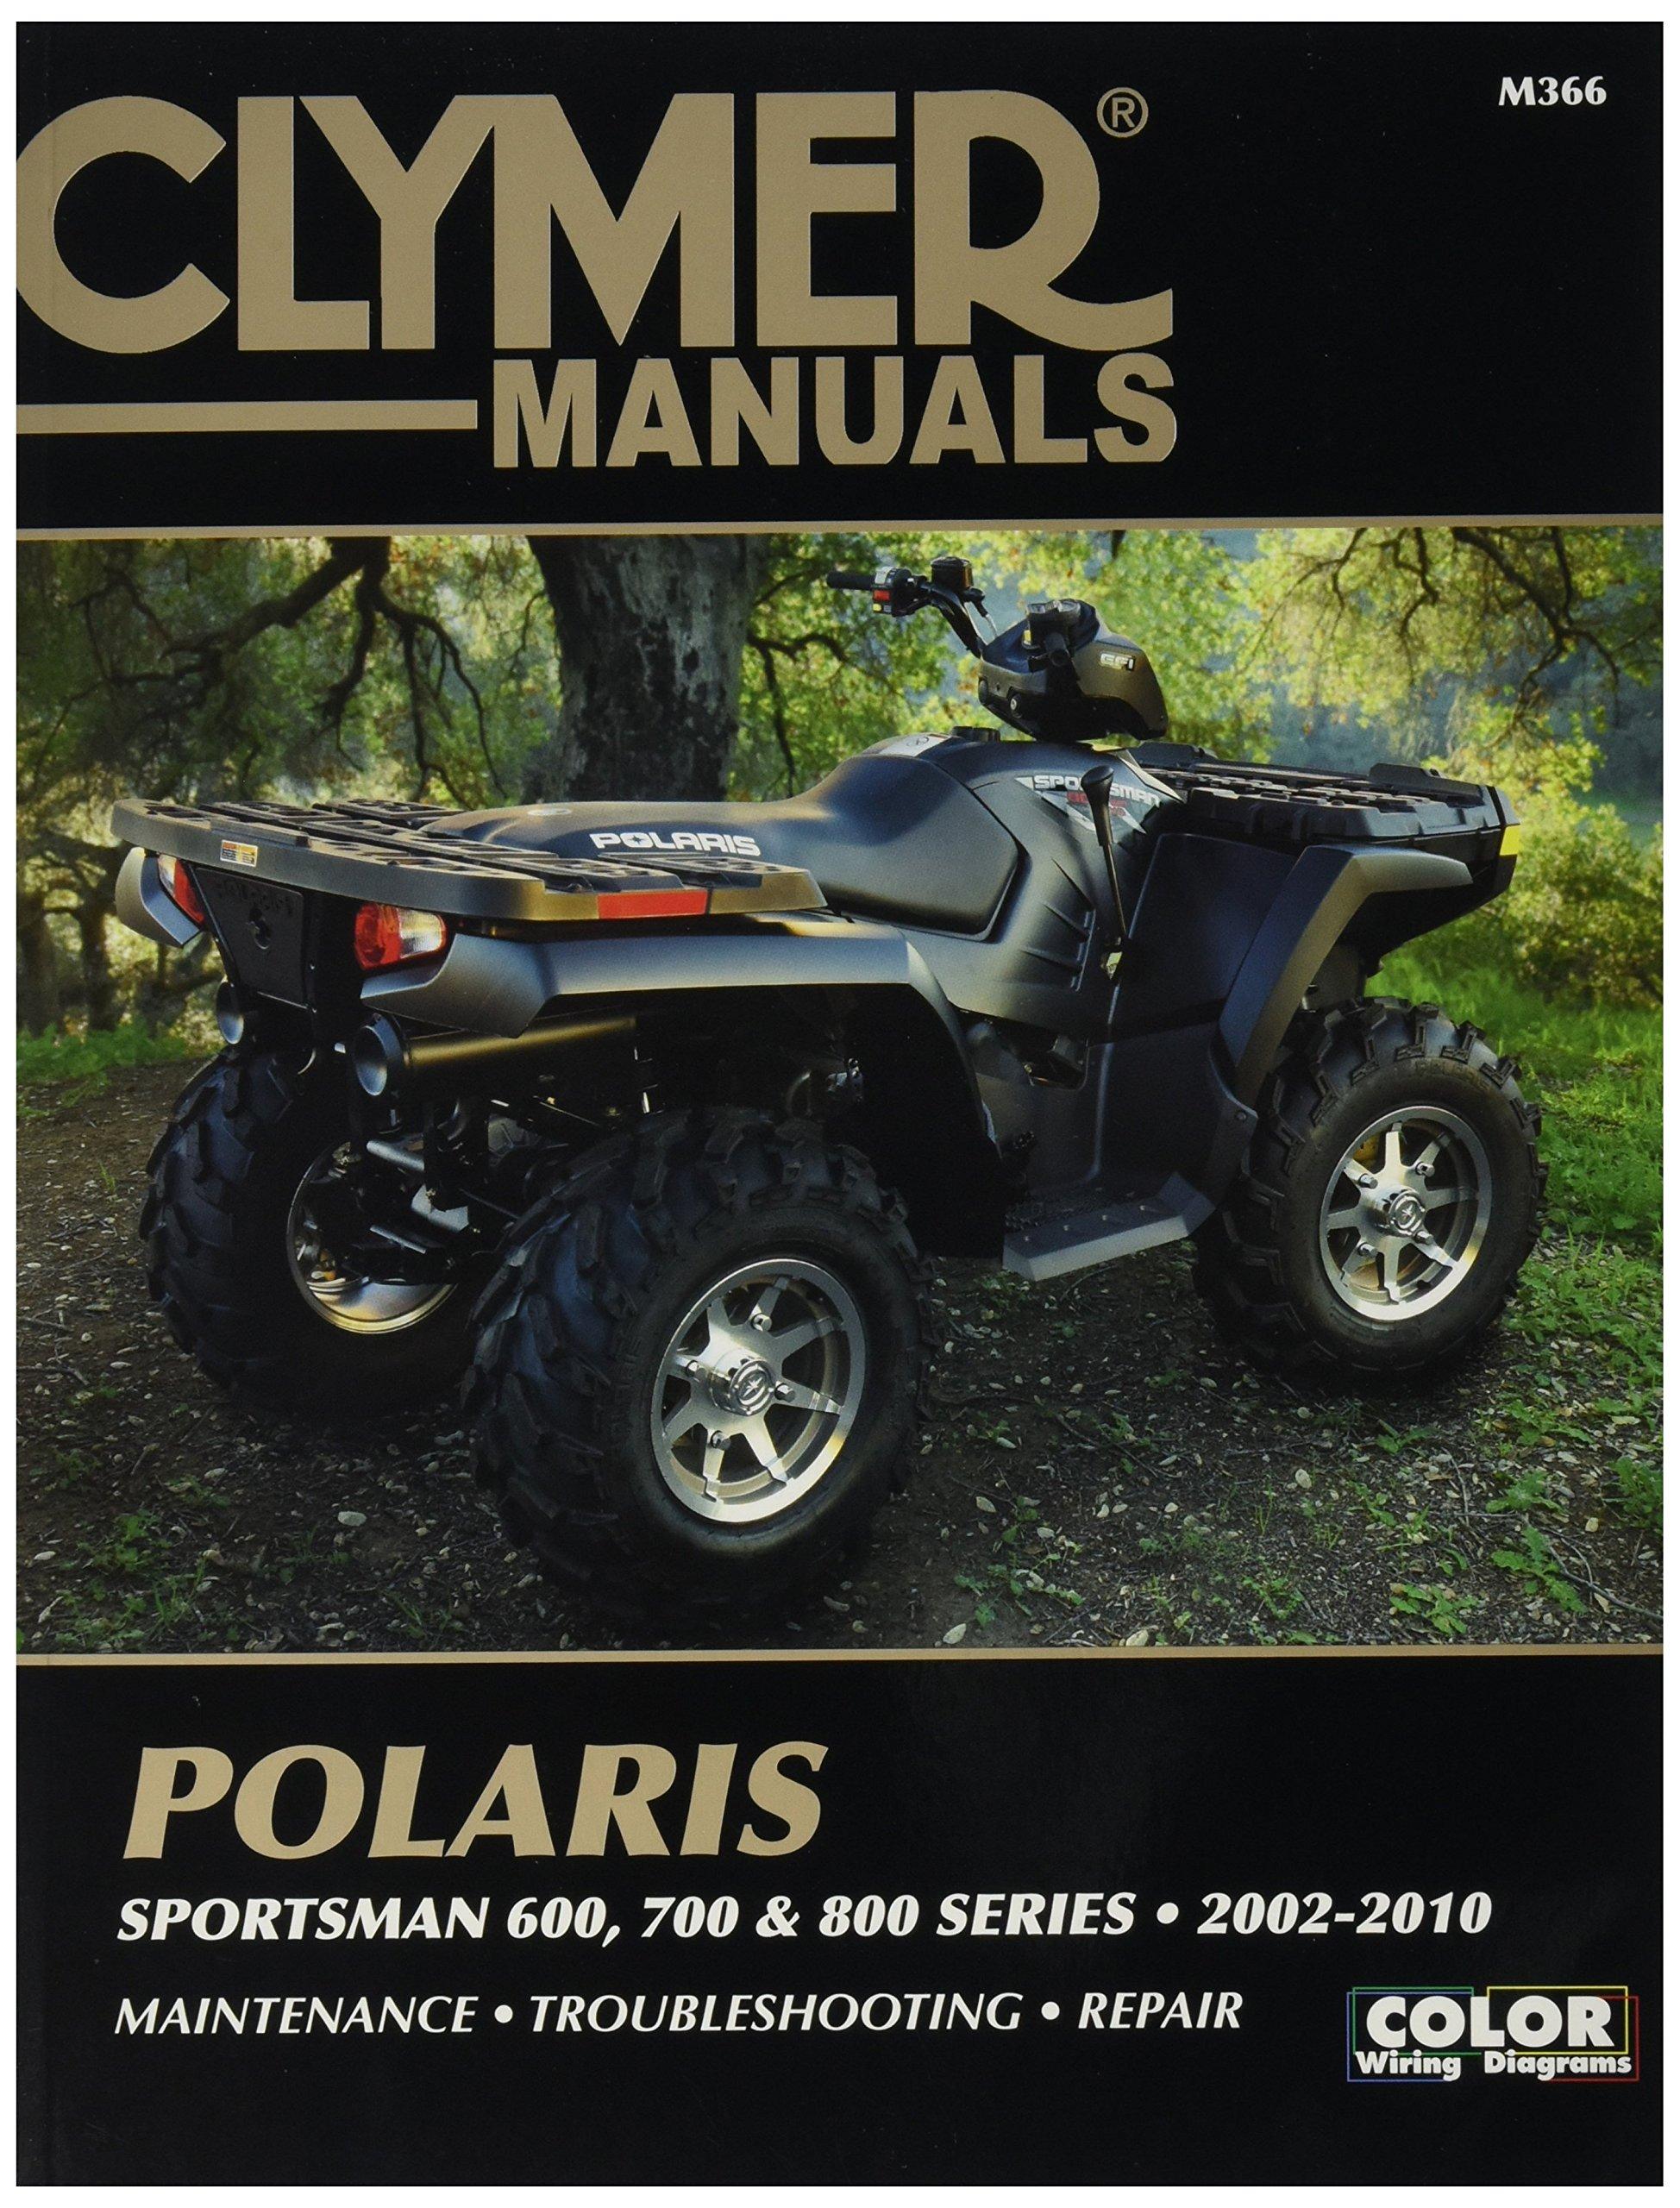 Amazon.com: Clymer CM366 Software: AutomotiveAmazon.com